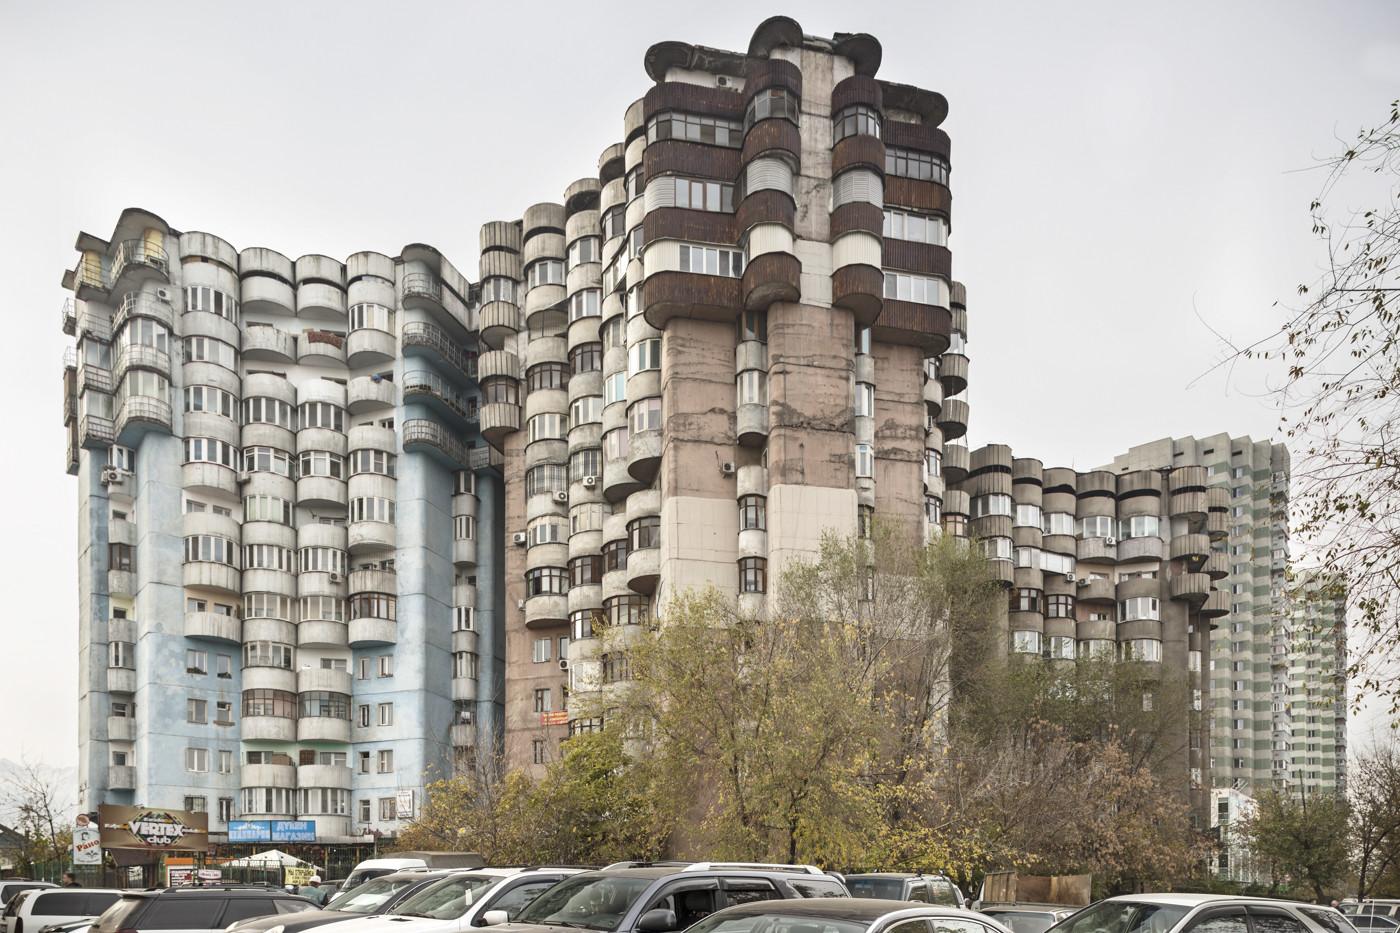 Complesso residenziale Aul (1986). Almaty, Kazakistan